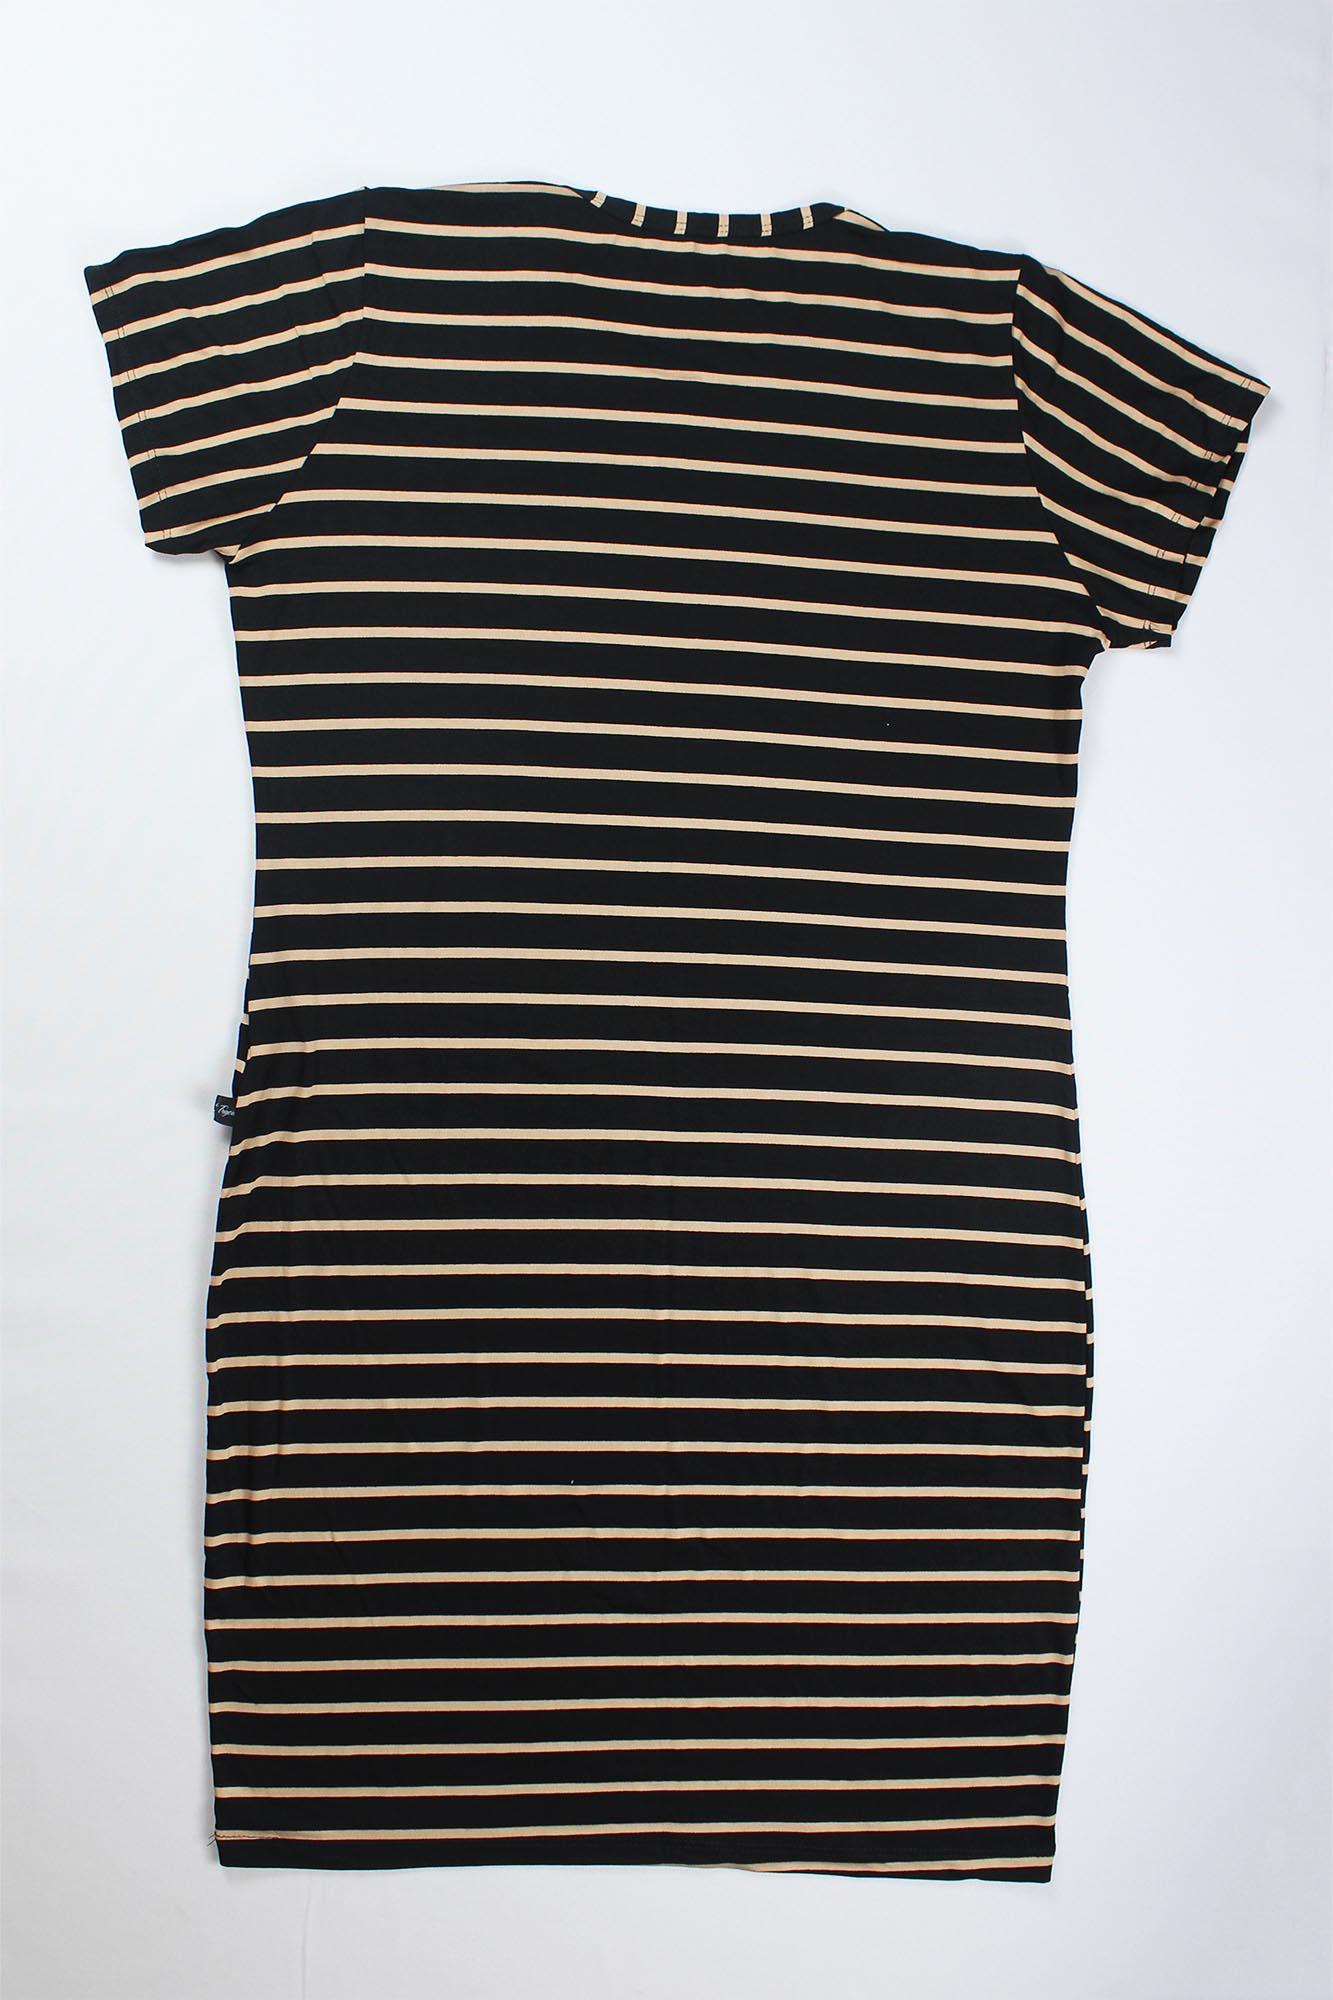 Vestido Tubinho Listrado Feminino - Preto e dourado Listra Grossa